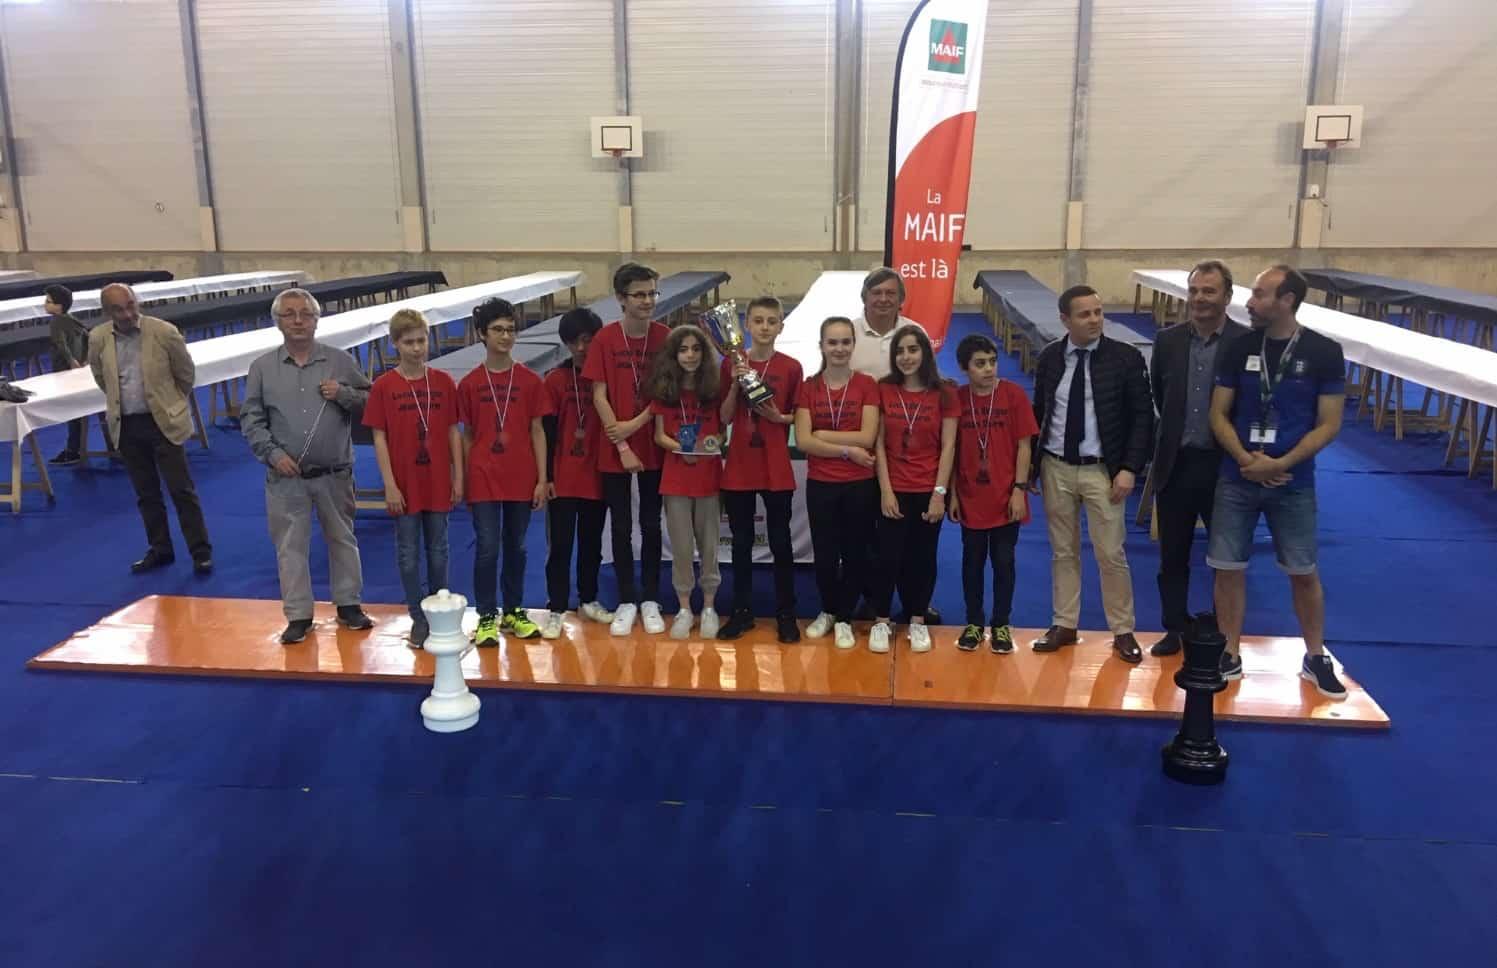 Le collège du GYMNASE, Champion de France par équipe d'Echecs